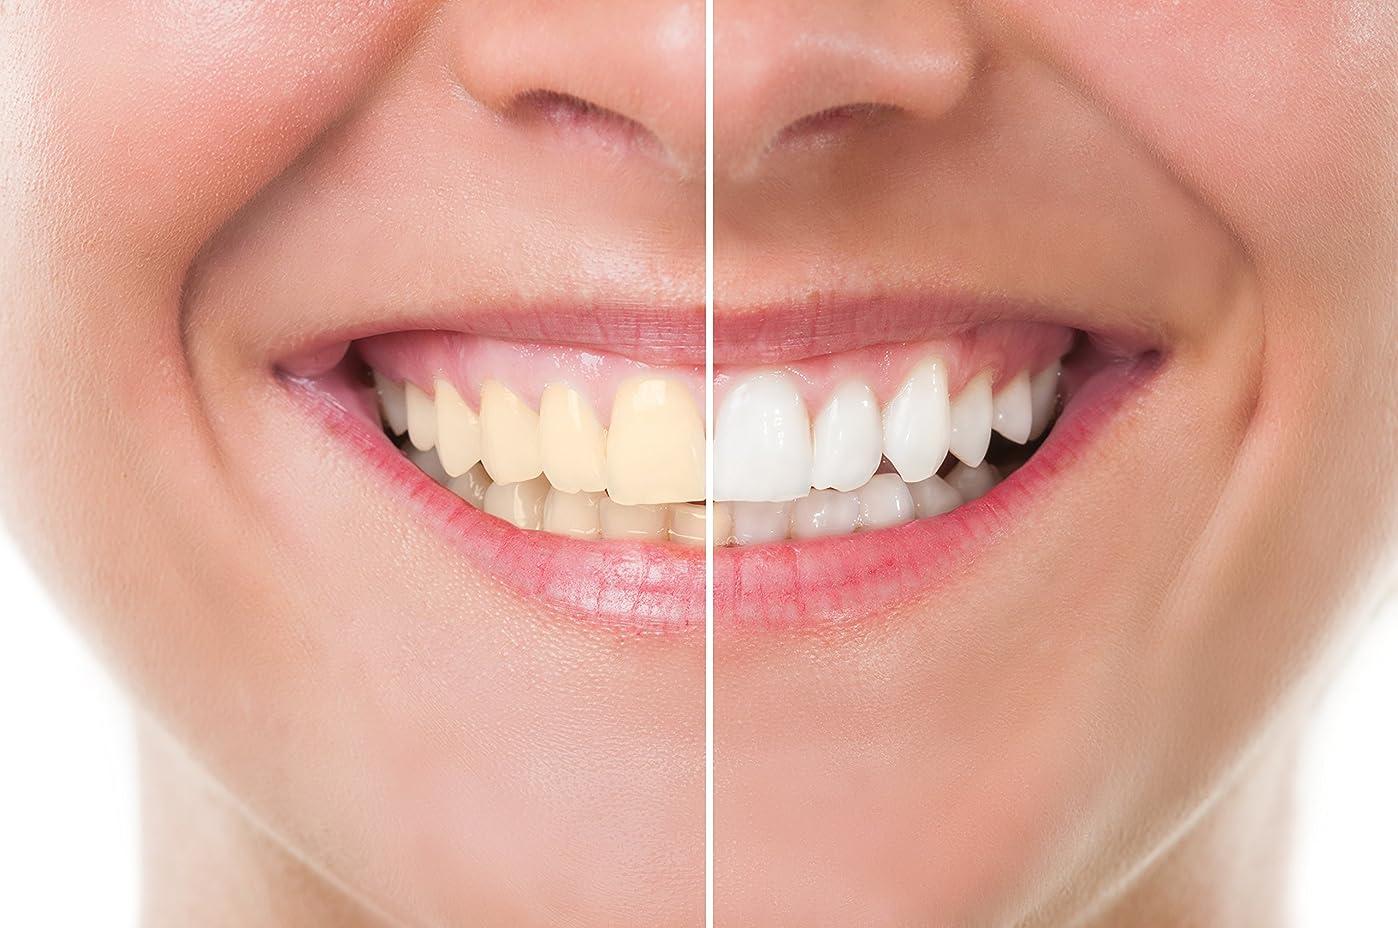 砲撃予約哲学博士Teeth Whitening 歯のホワイトニング